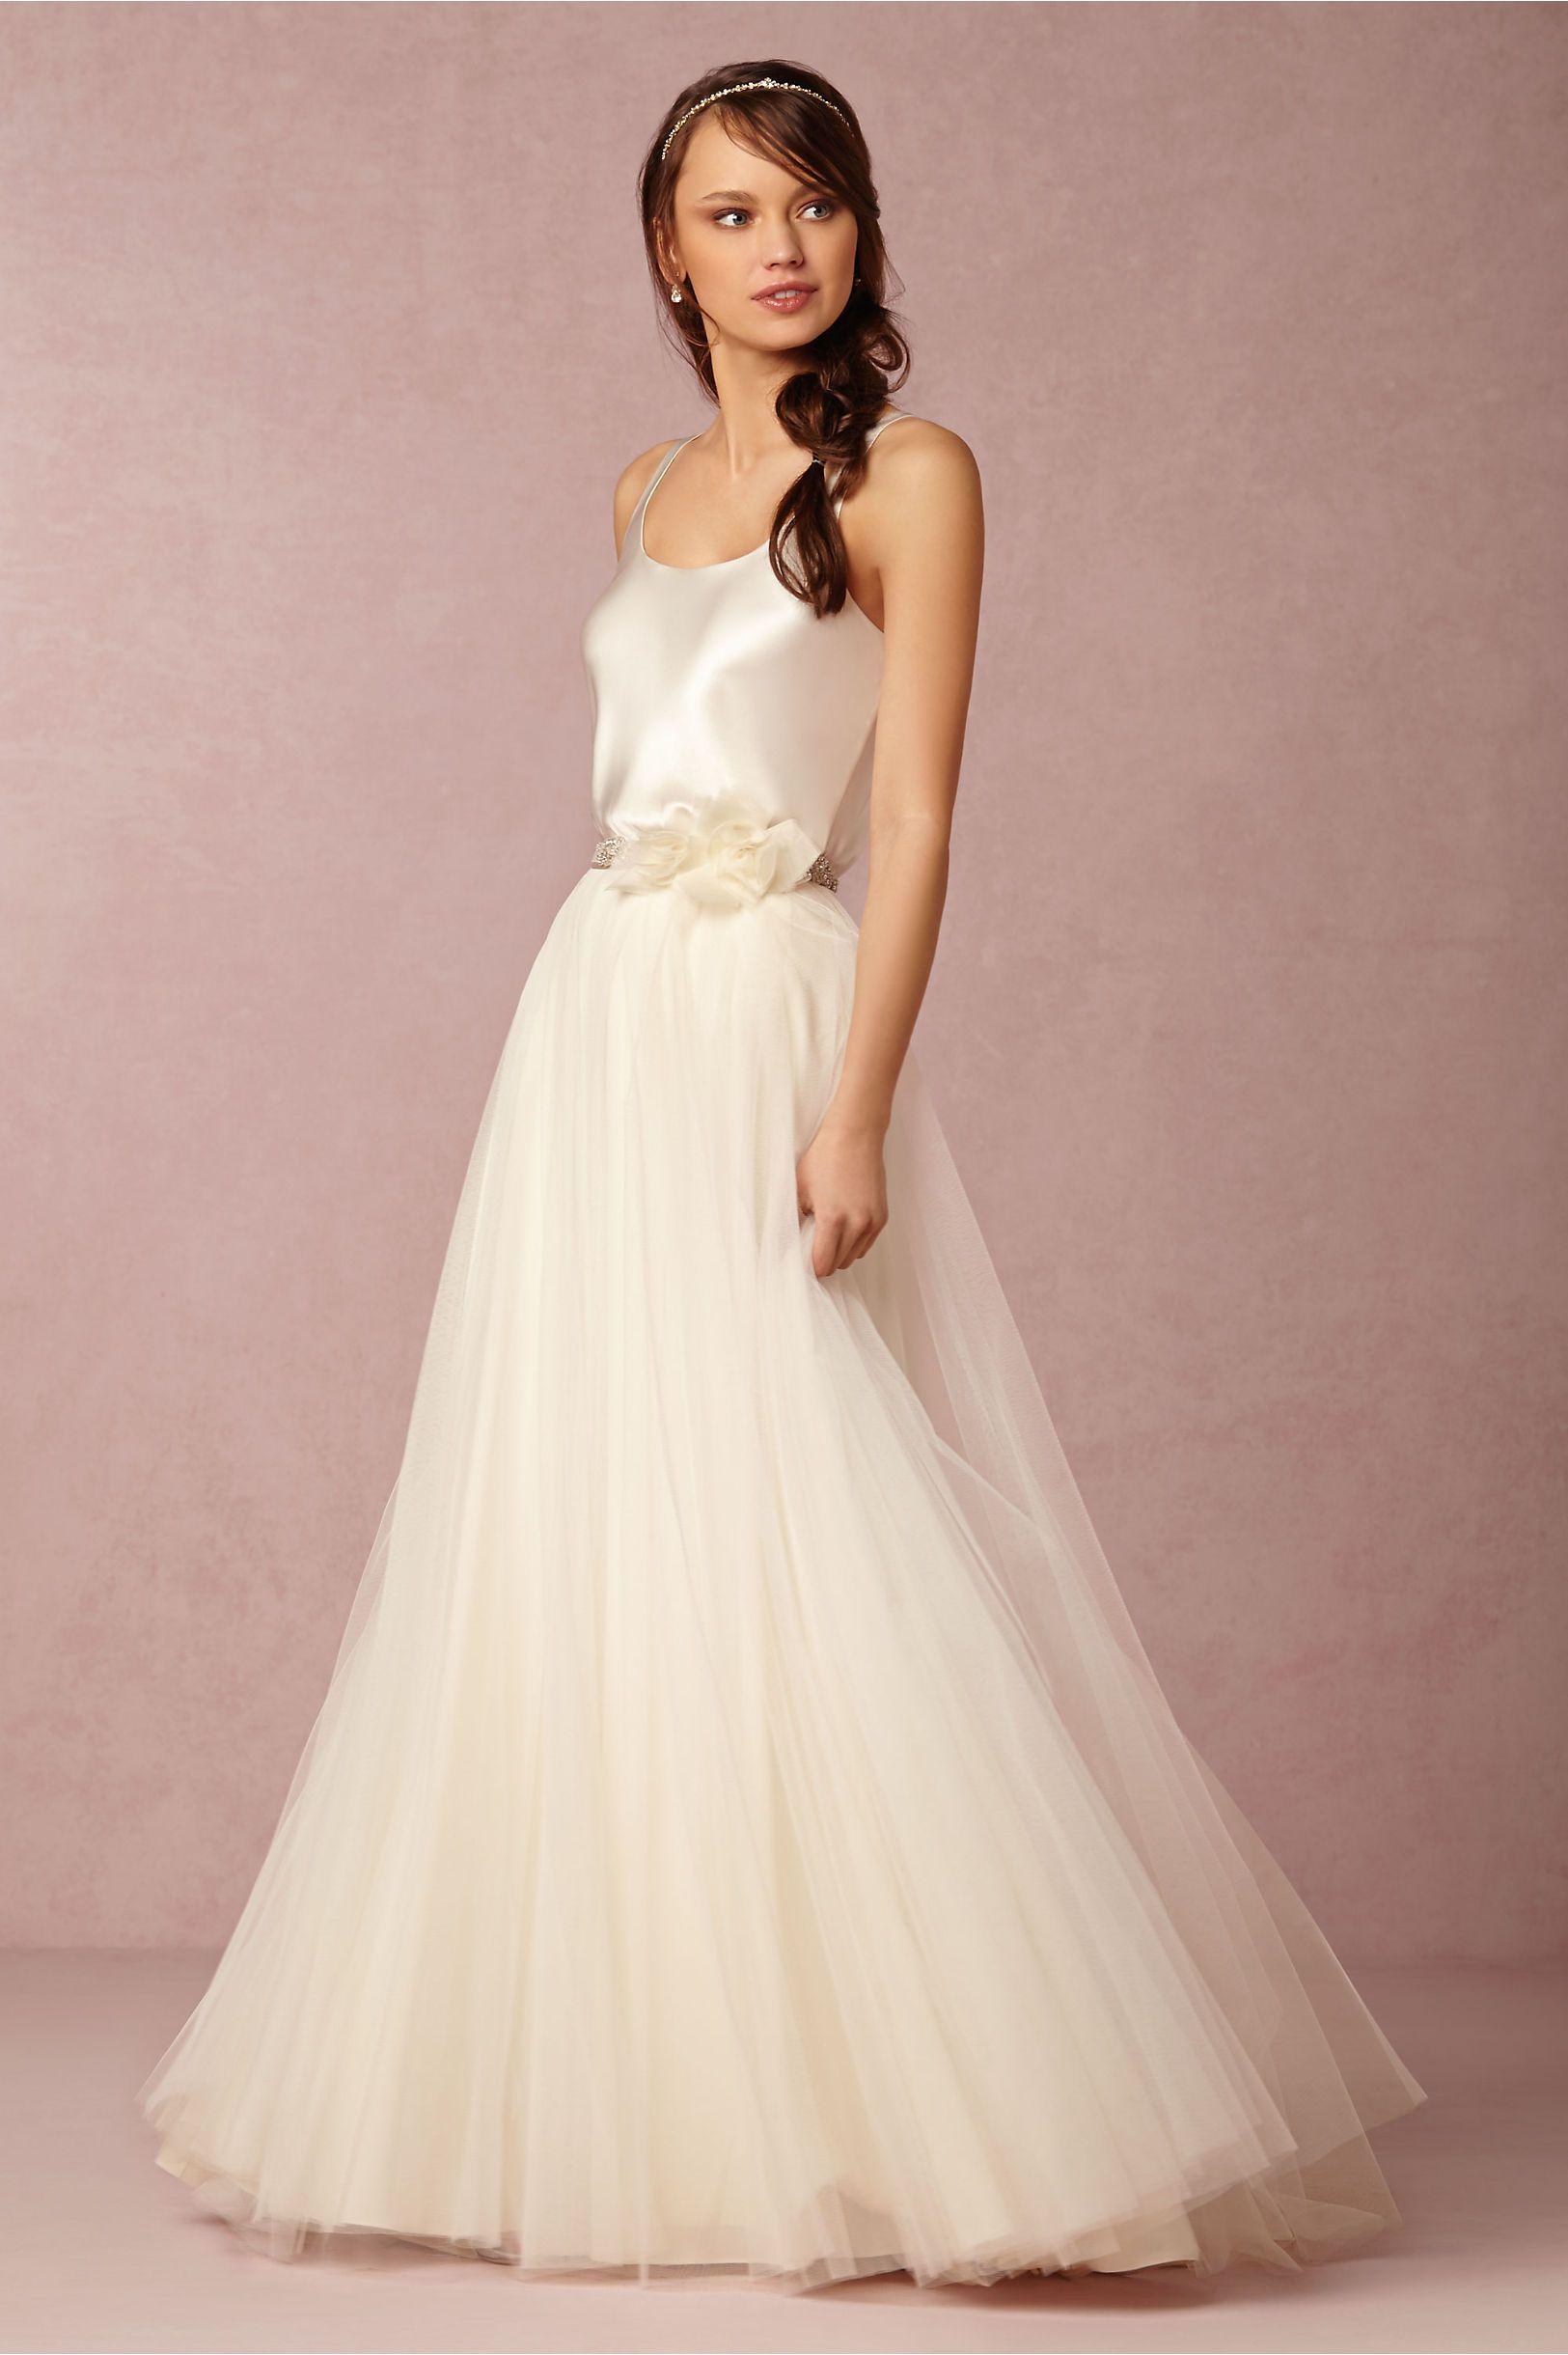 Amaryllis Sash in Sale at BHLDN | Wedding Accessories | Pinterest ...